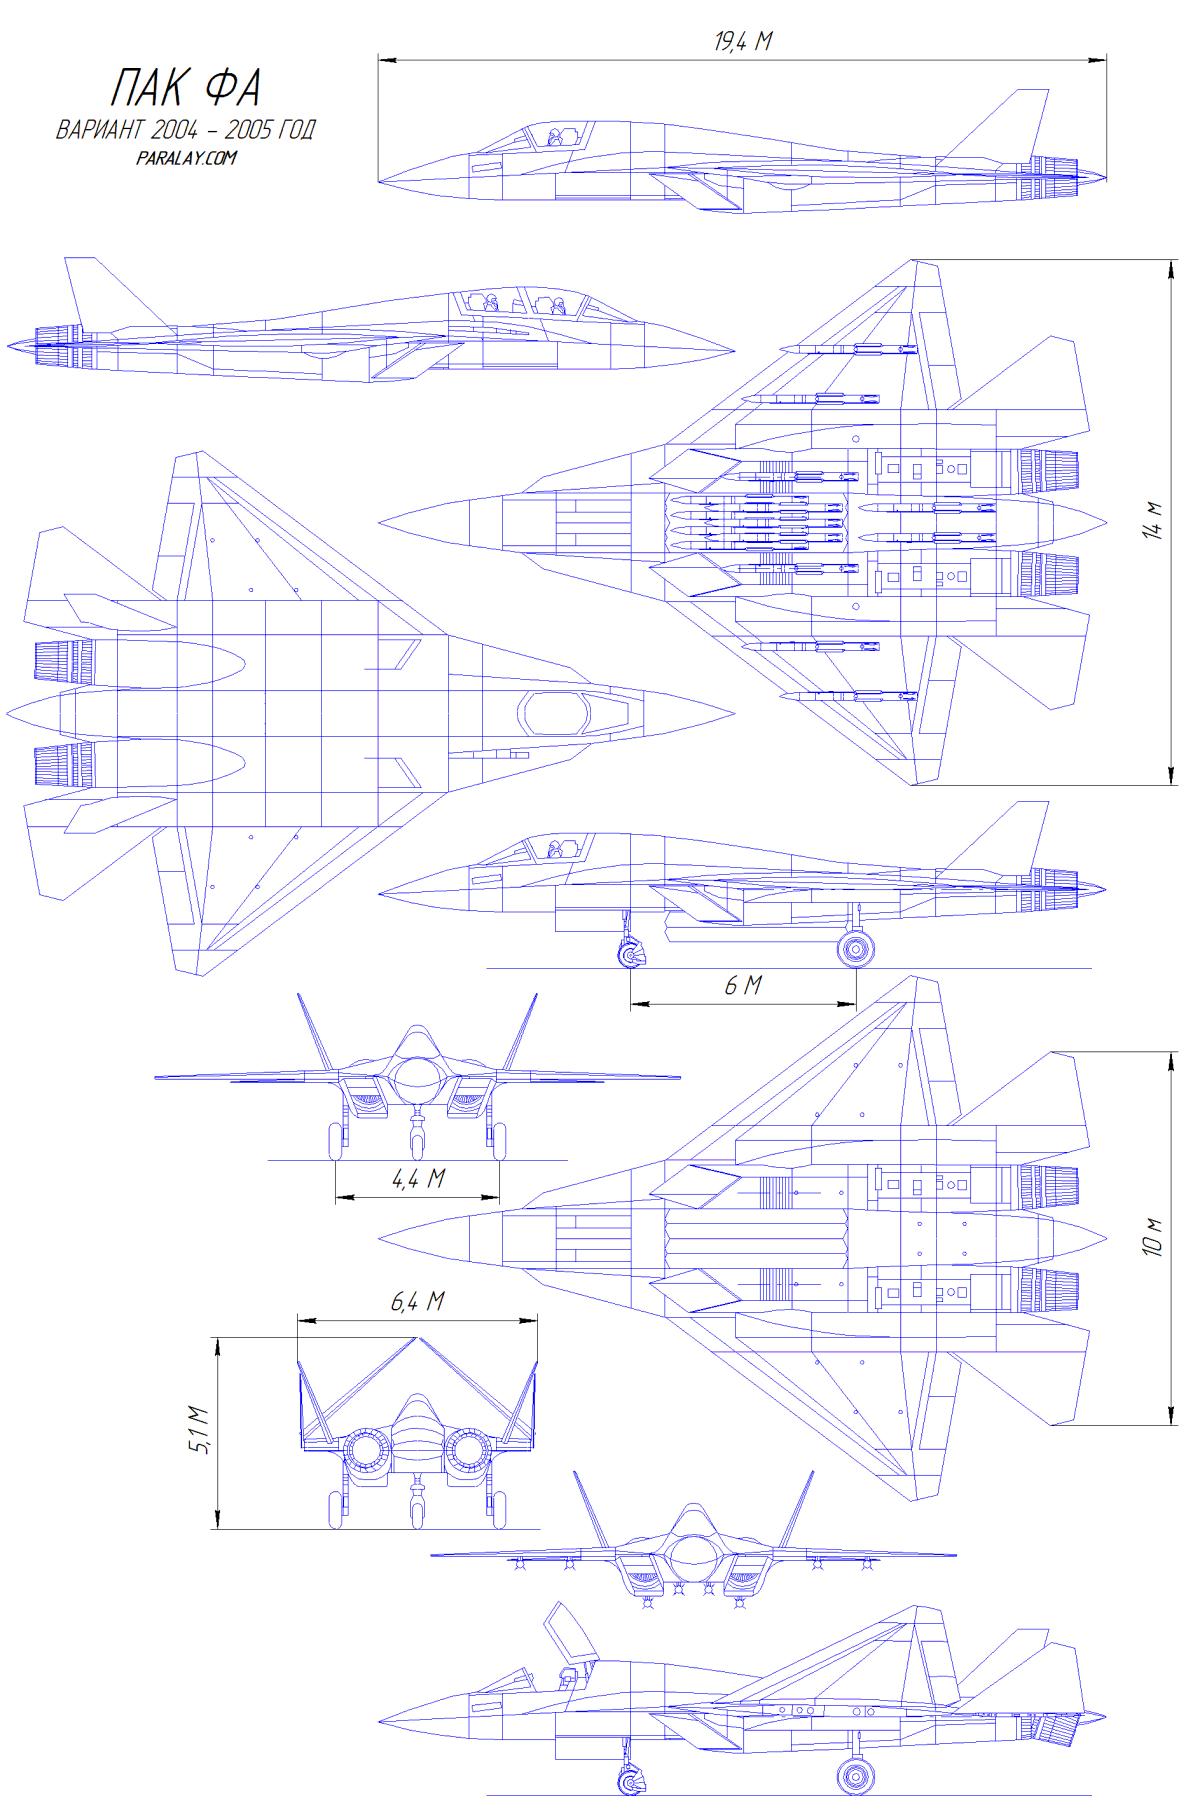 Image Result For Multi Level Front Steps: Image Result For Soviet Pak Fa Advanced Fighter Jet